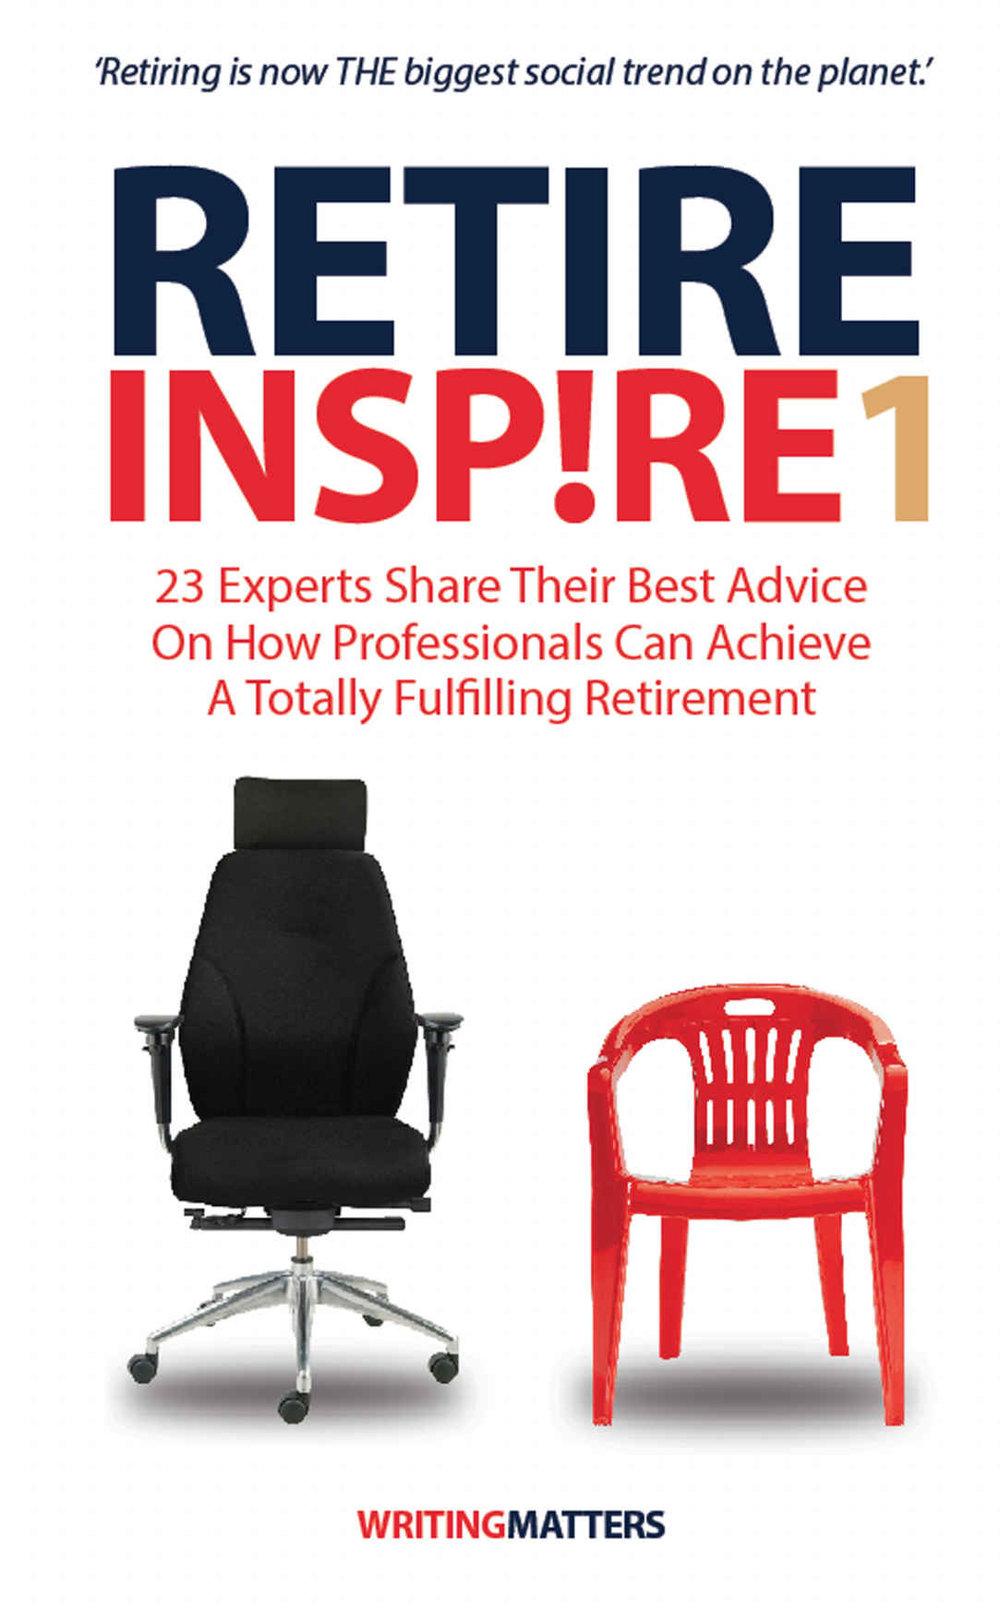 retire inspire cover.jpg